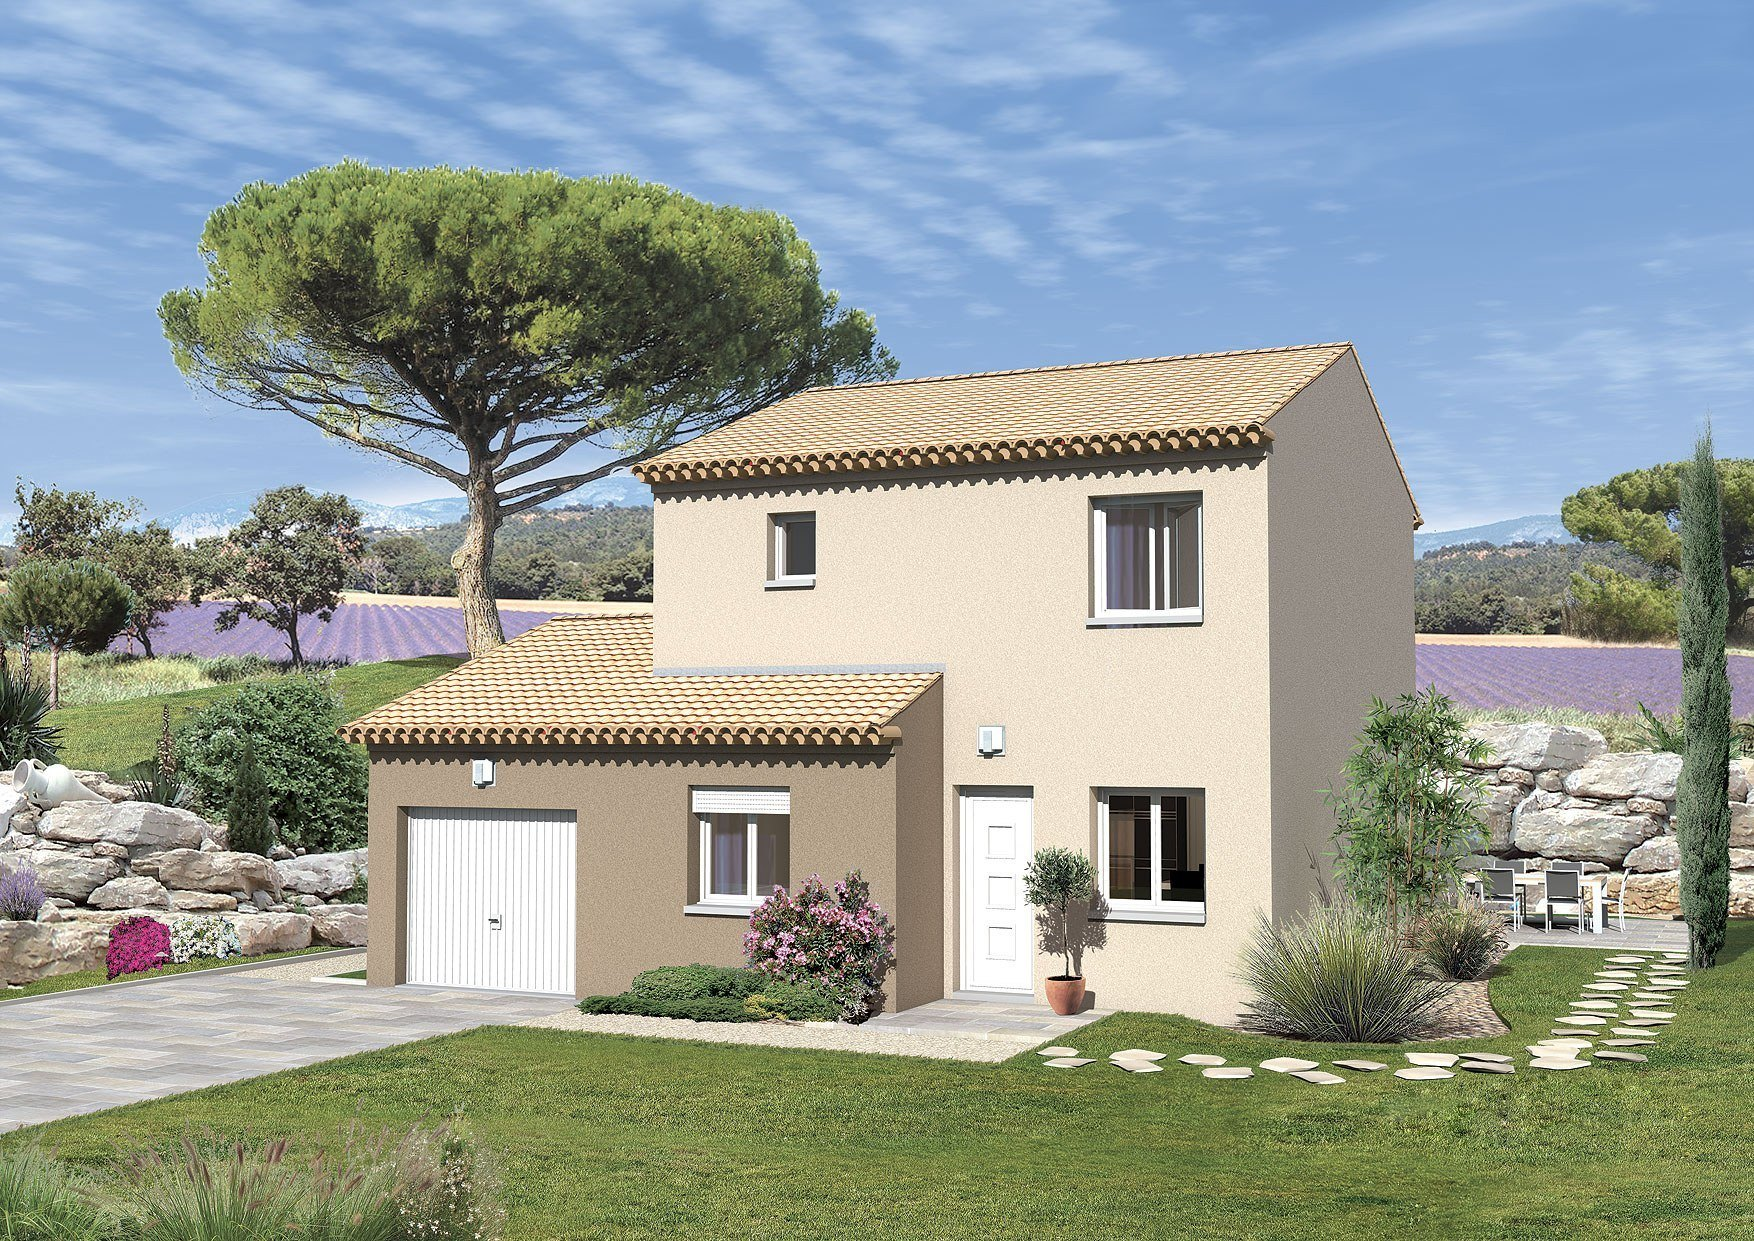 Maisons + Terrains du constructeur MAISONS PUNCH • 91 m² • PERNES LES FONTAINES